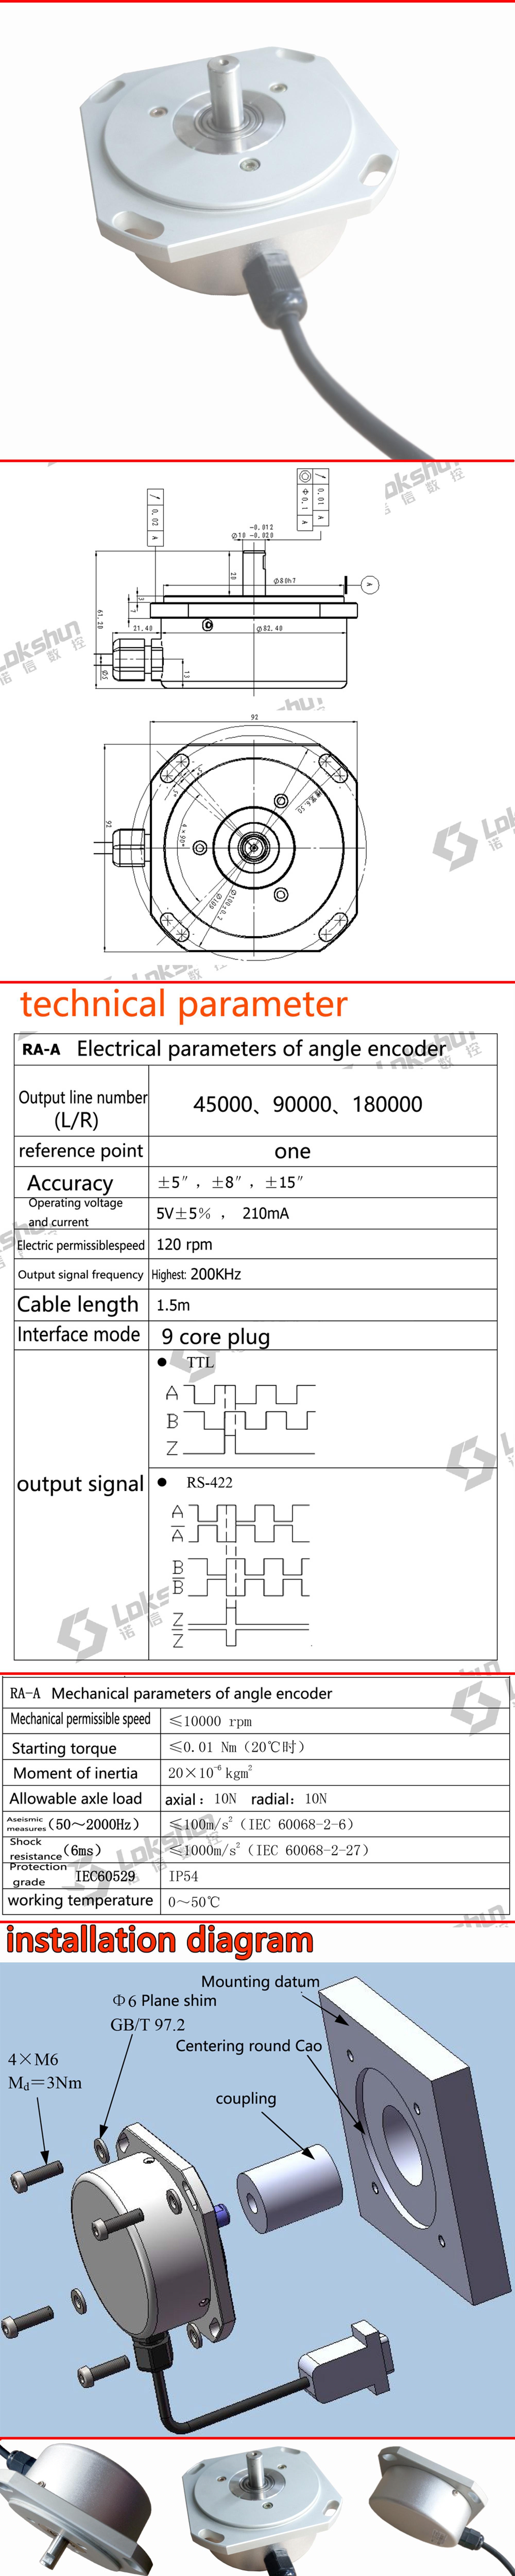 180000L/R angle position sensor, boring machine turntable angle encoder, circular grating rotary worktable digital display RA-A